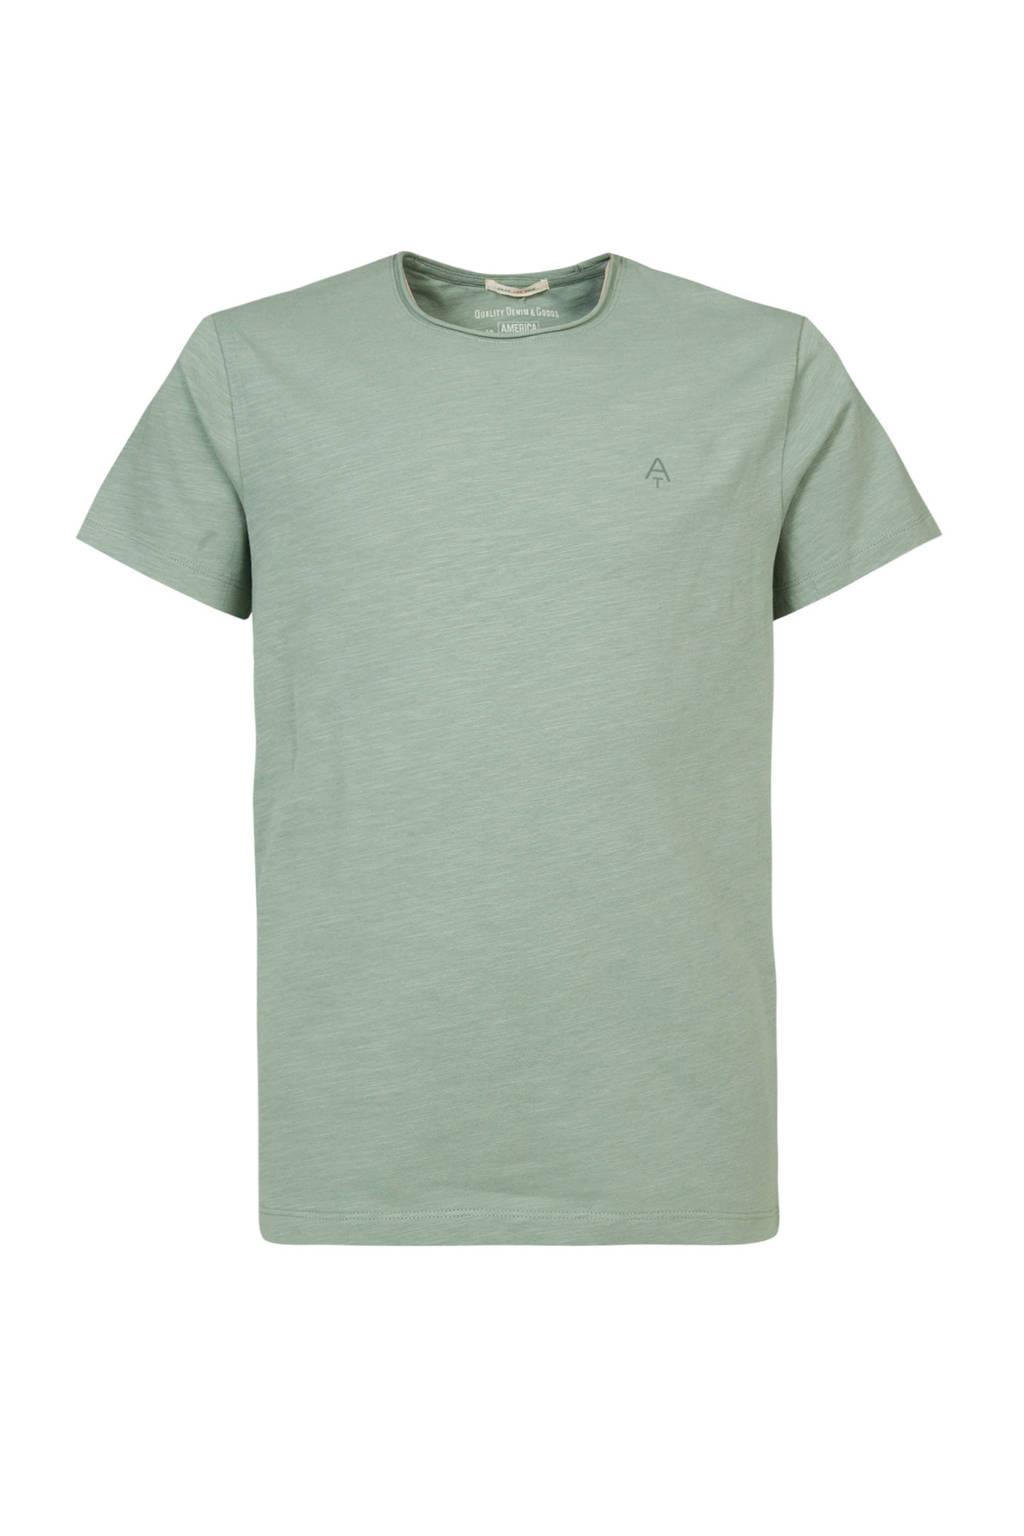 America Today Junior T-shirt Took van biologisch katoen groen, Groen